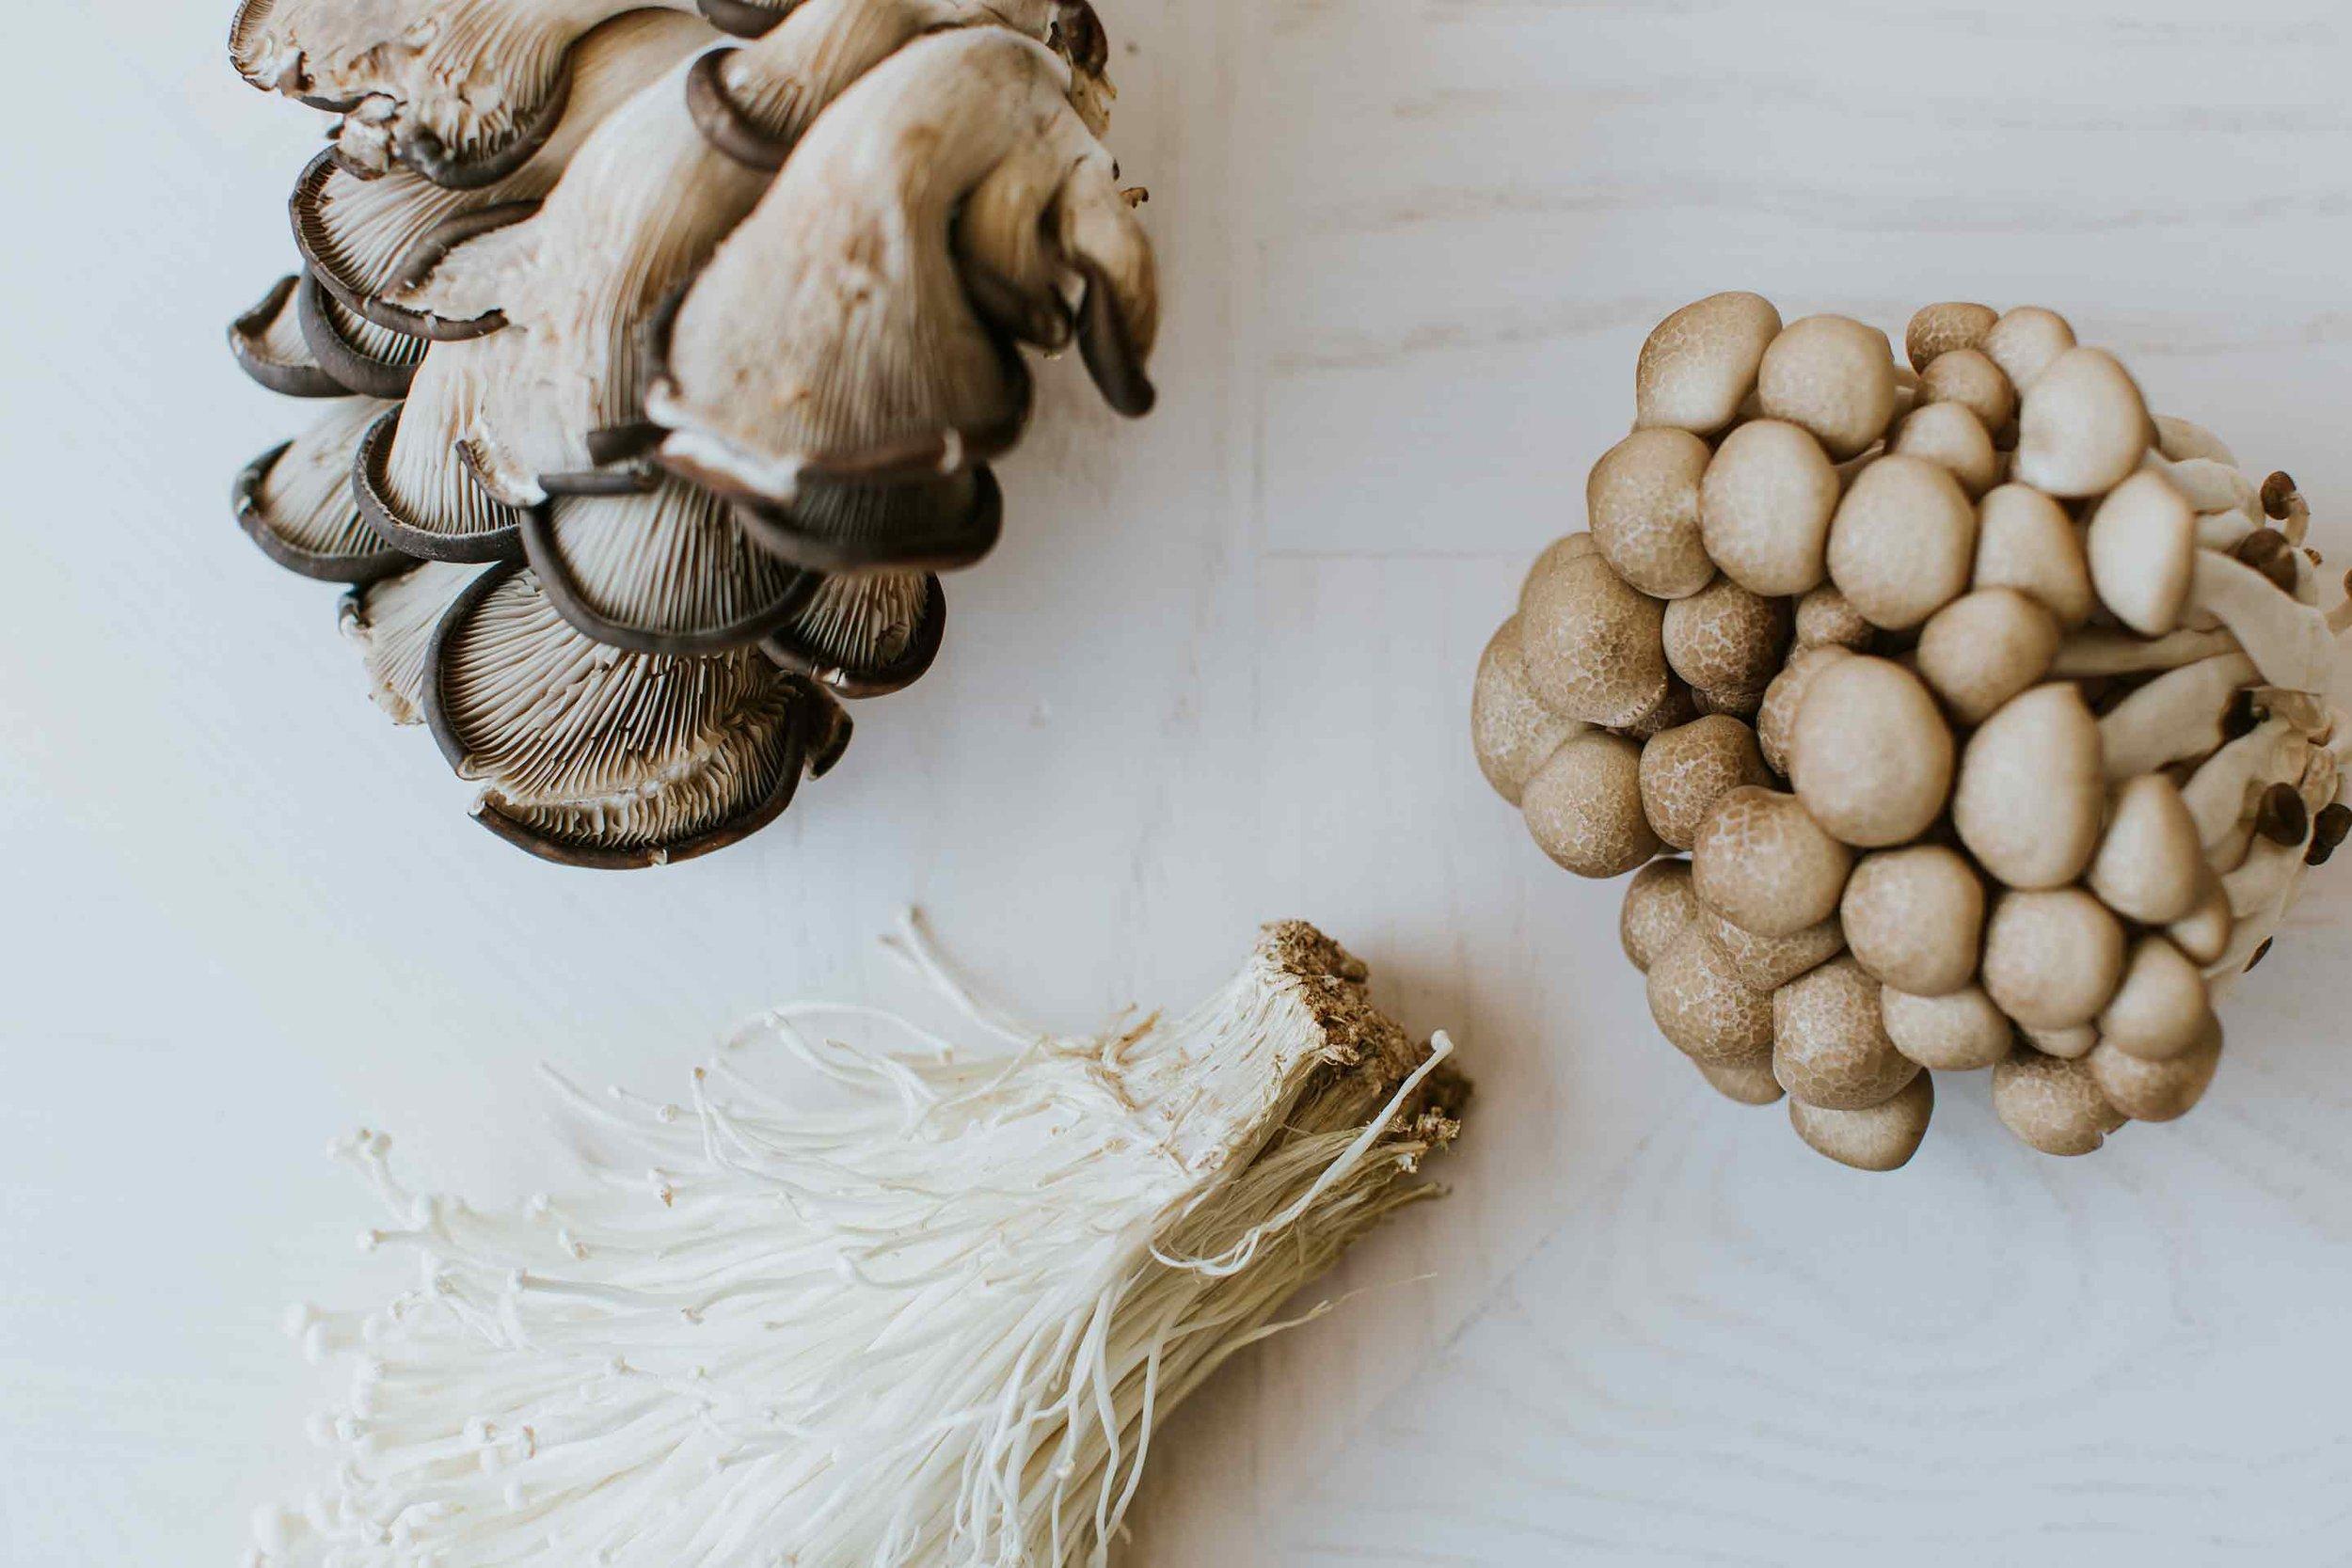 PP5A5948_mushrooms.jpg